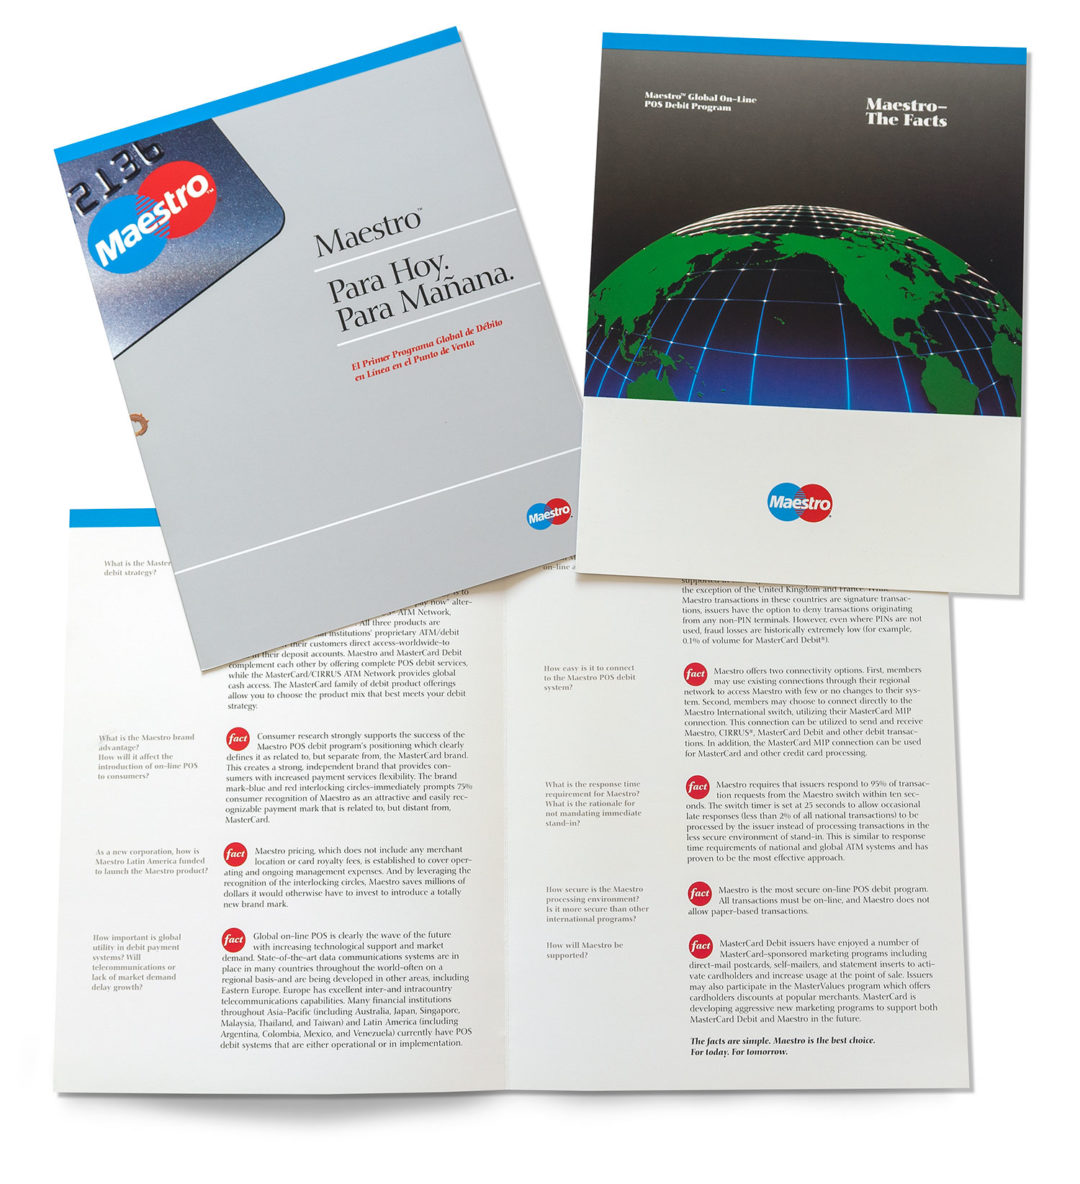 Maestro MasterCard Primary Sales Brochure